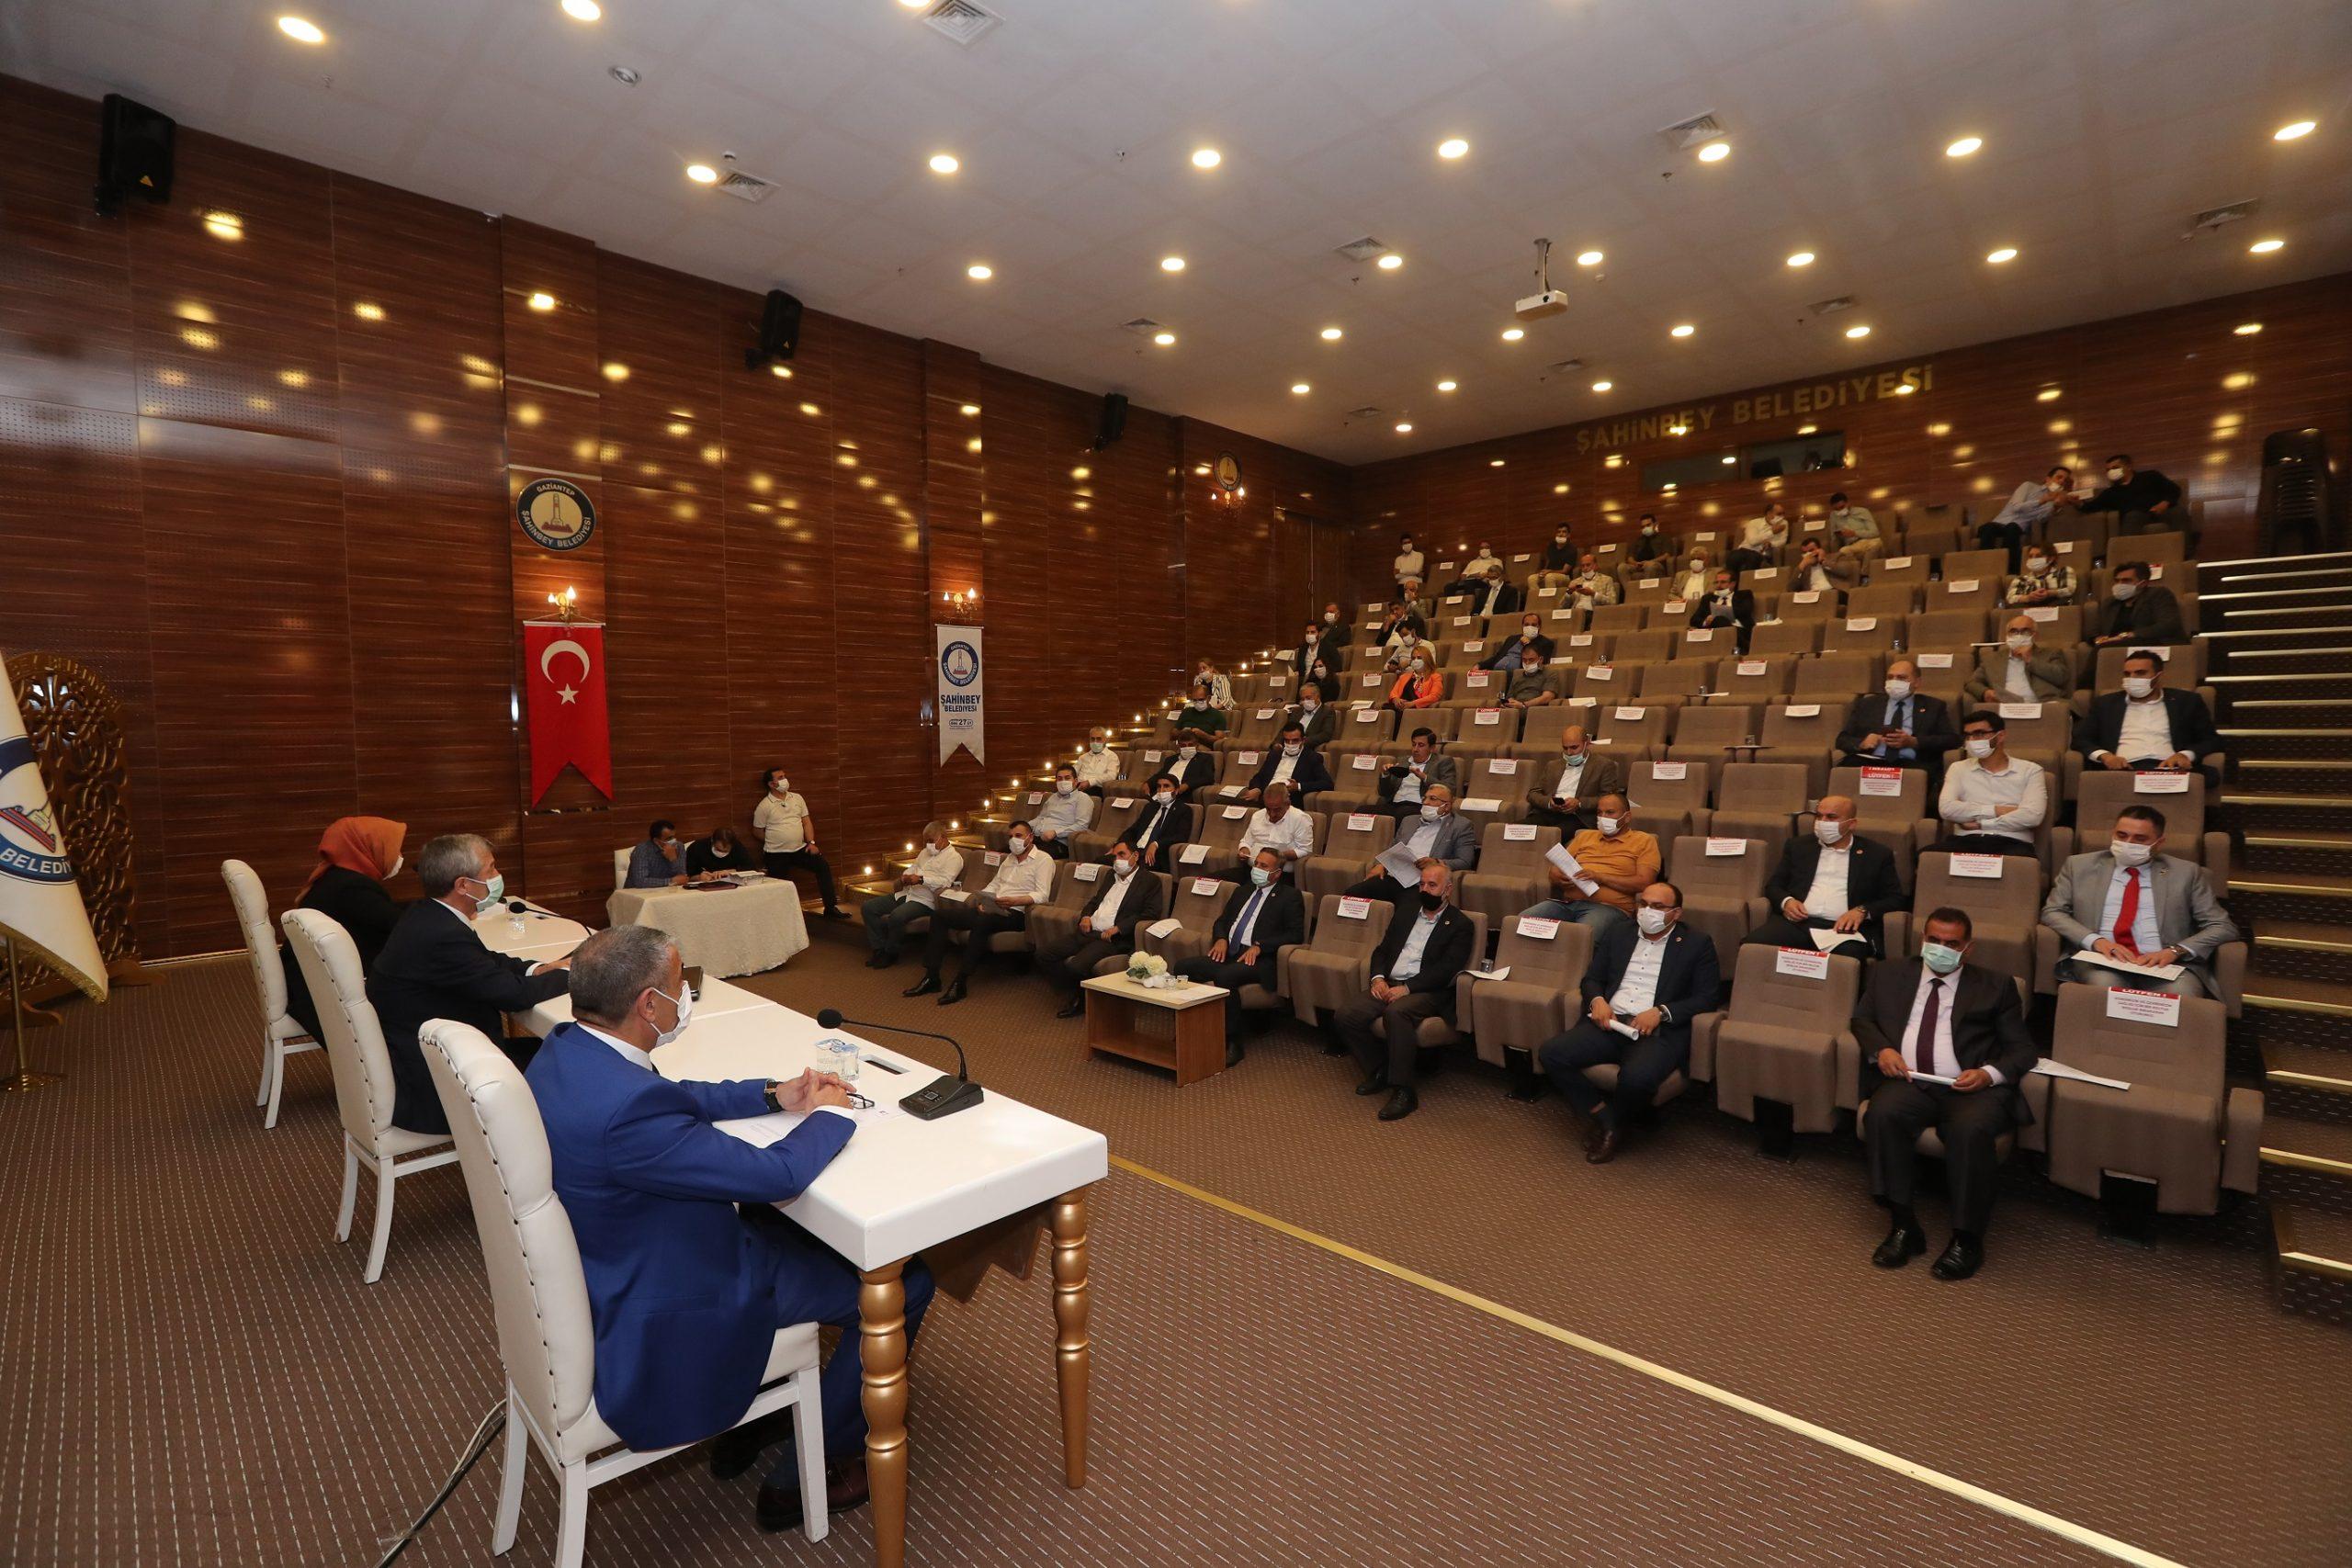 ŞAHİNBEY'DE HAZİRAN AYI MECLİS TOPLANTISI YAPILDI